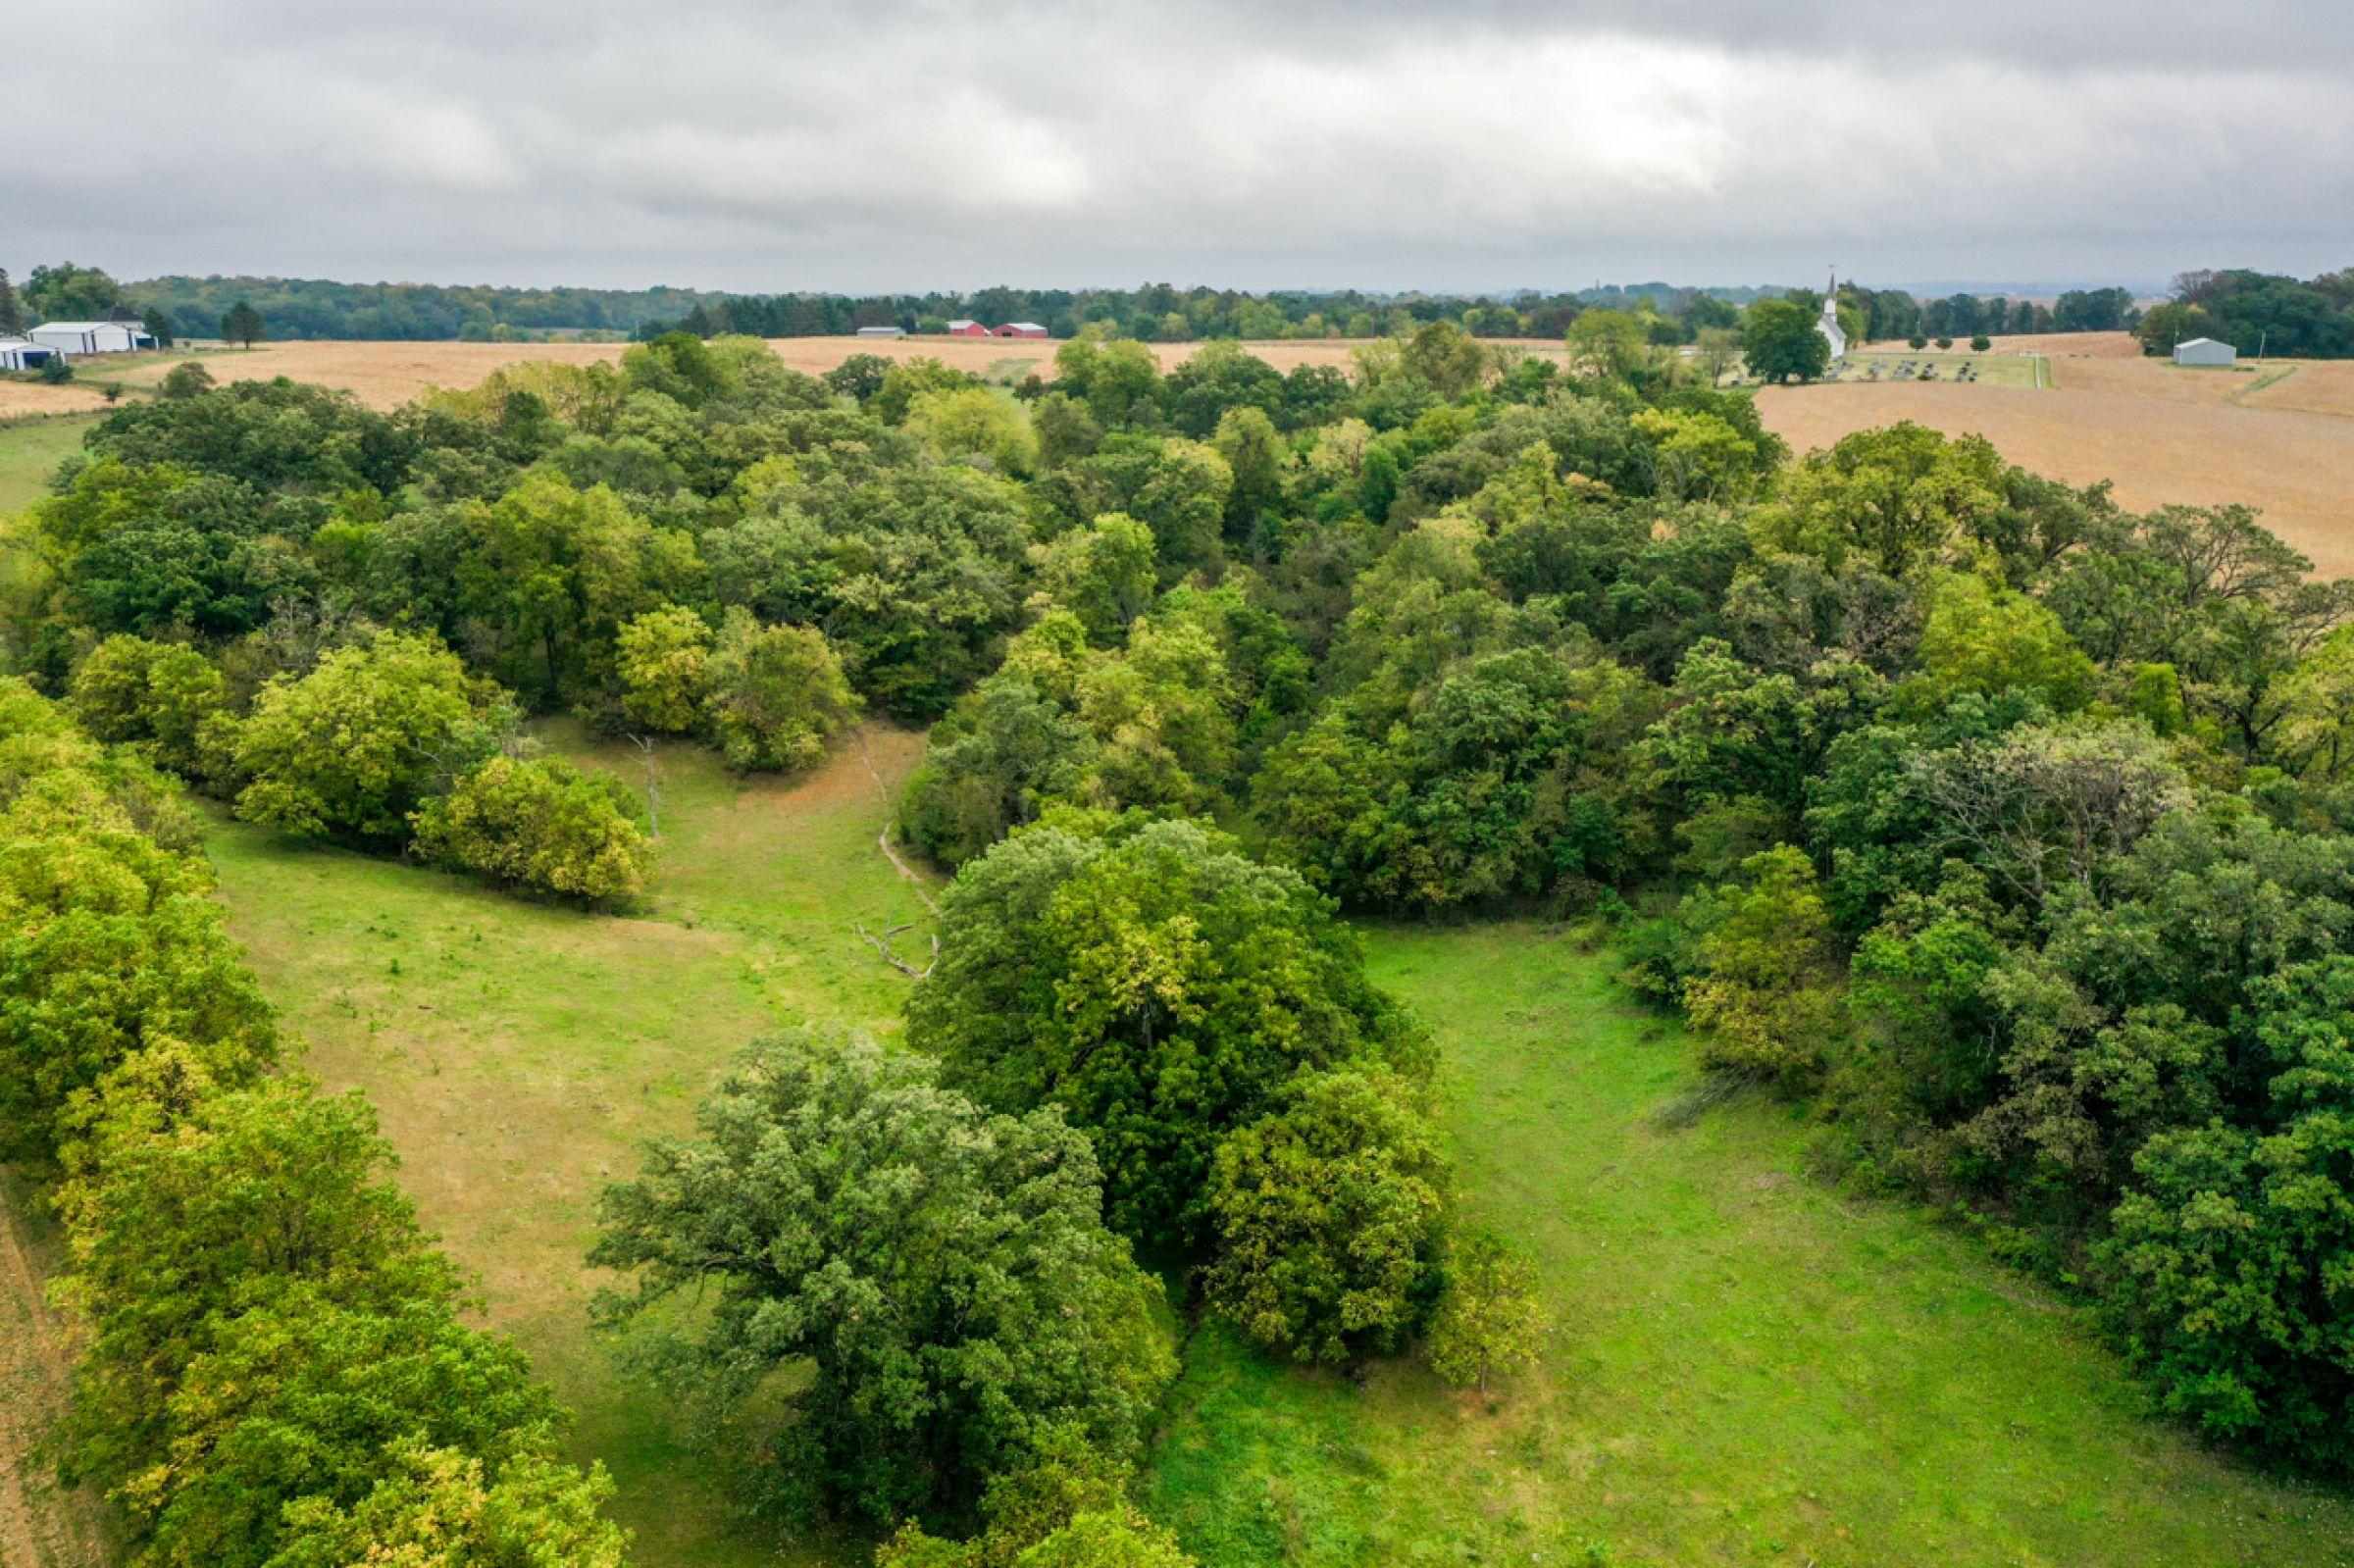 2-apple-grove-church-road-argyle-53504-3-2021-09-21-153557.jpg